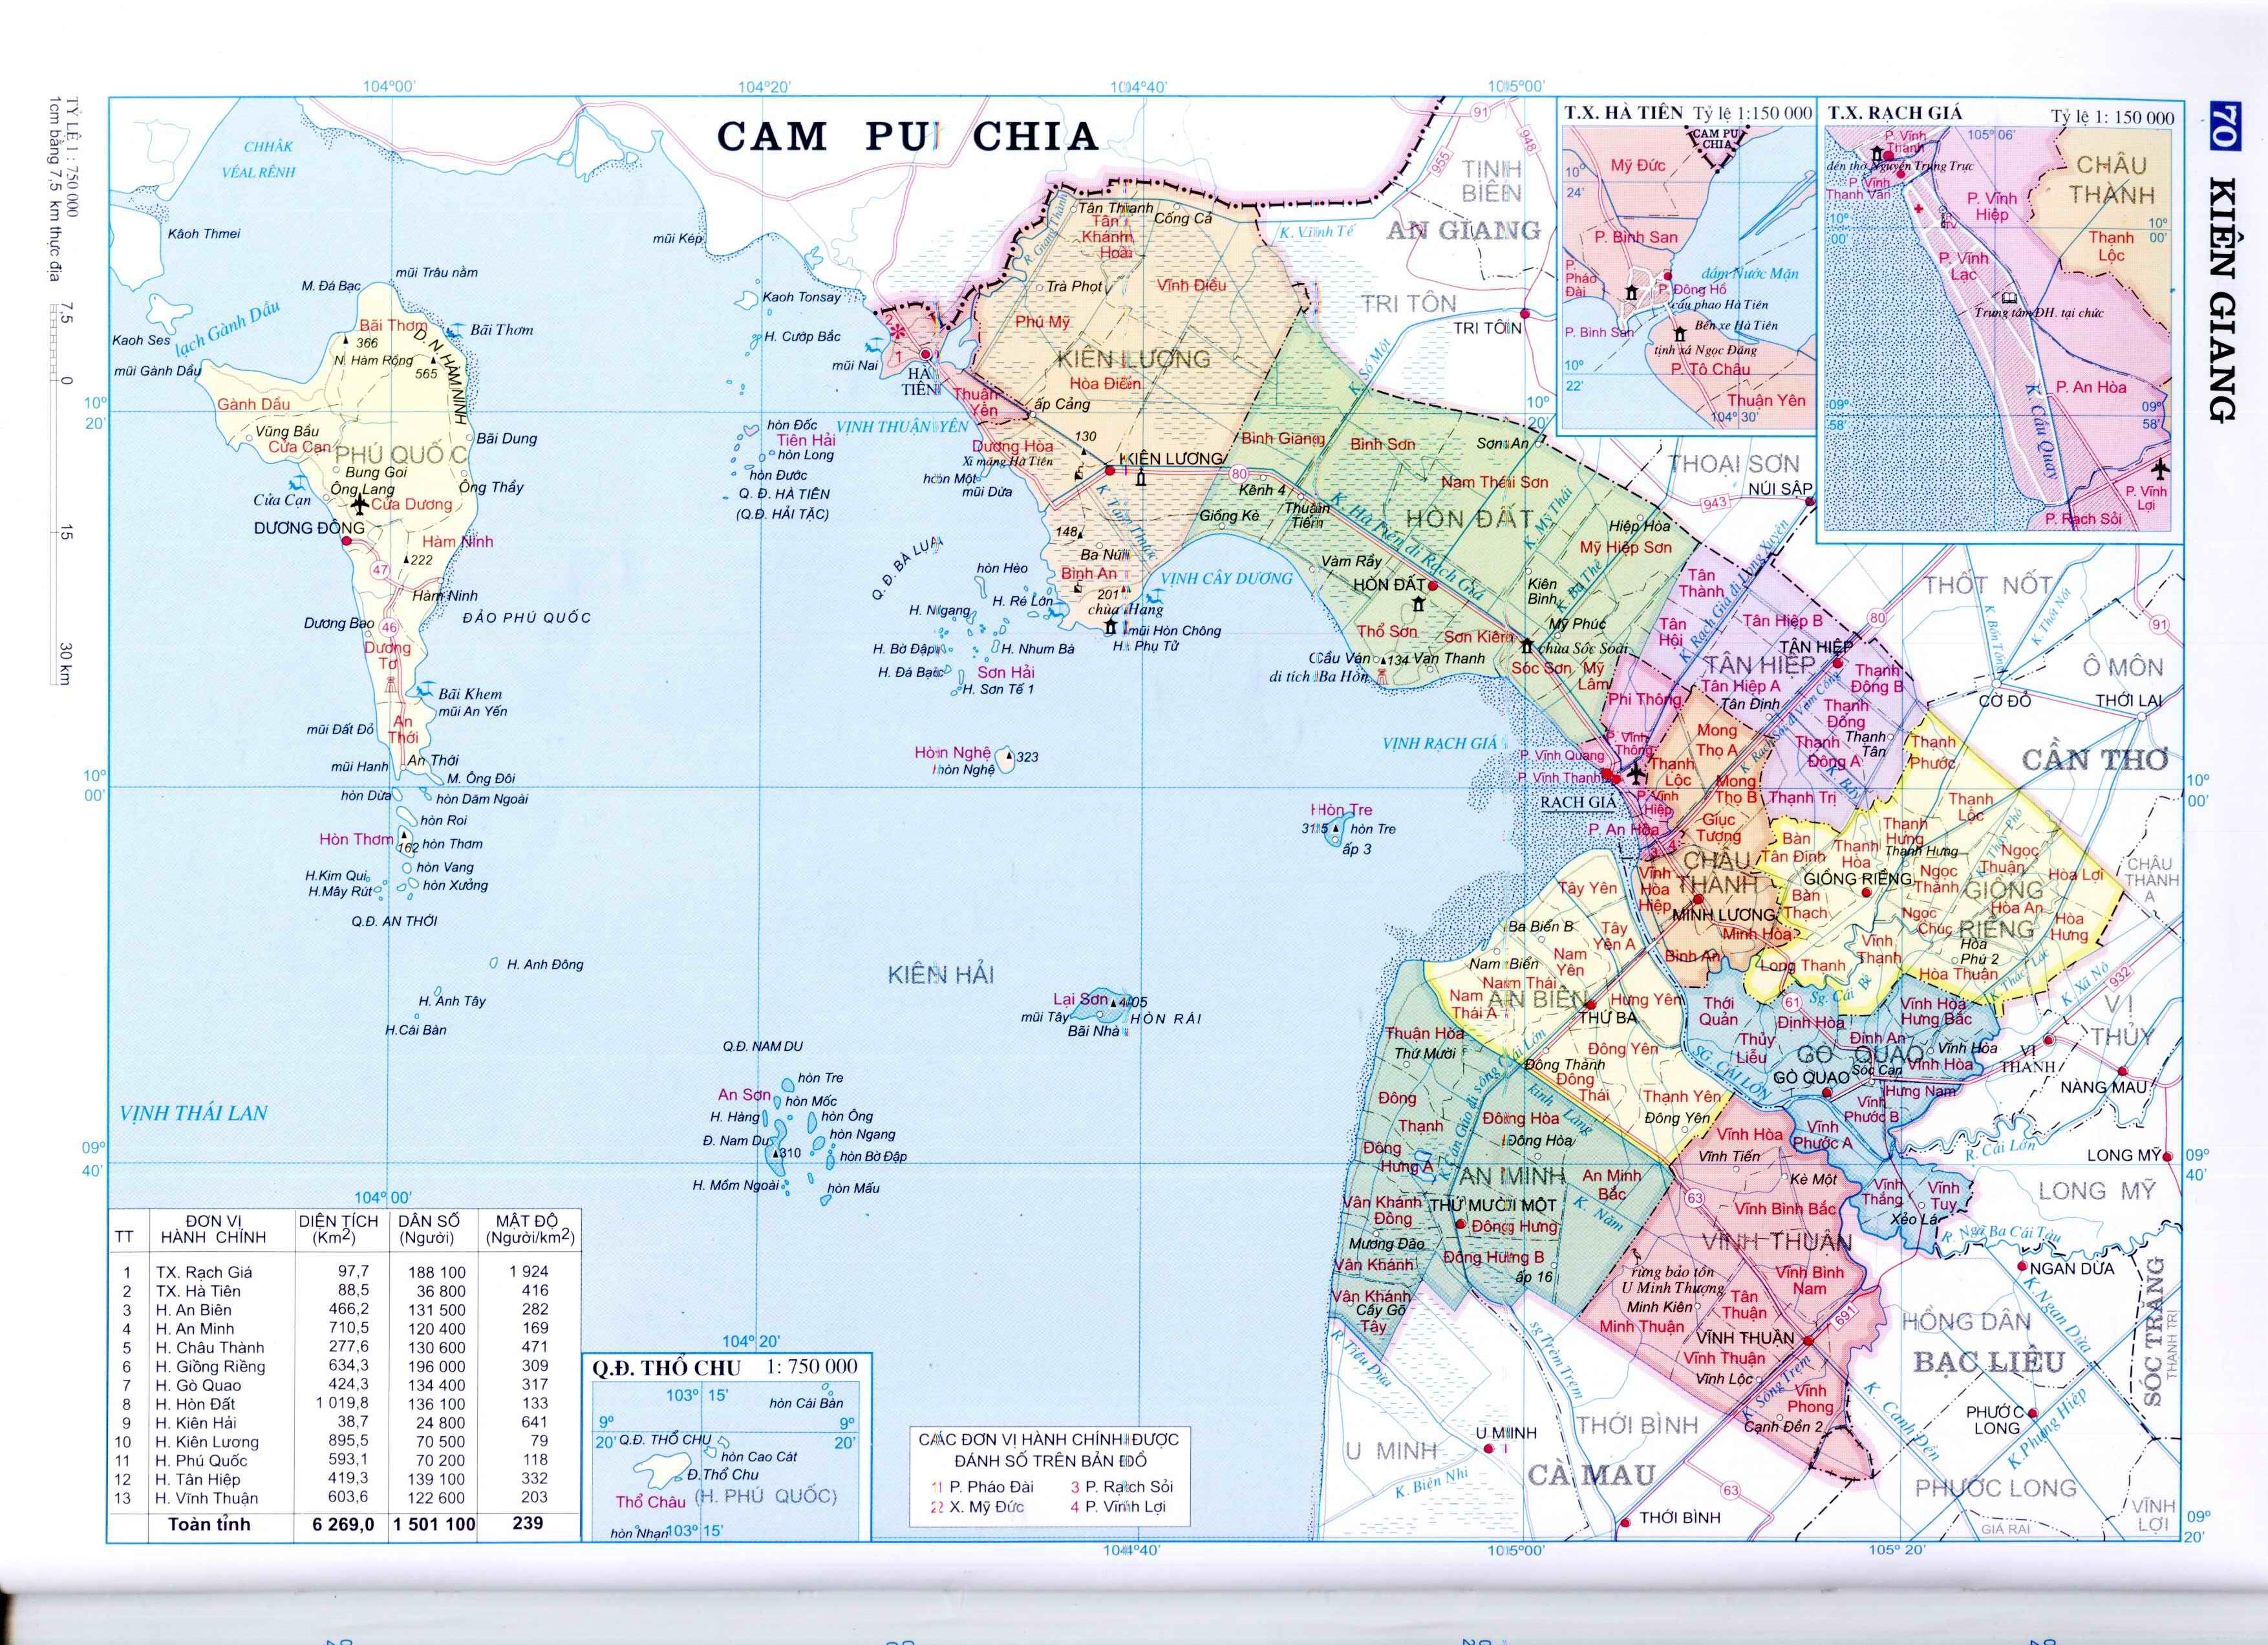 Bản đồ hành chính tỉnh Kiên Giang miền Tây Nam Bộ